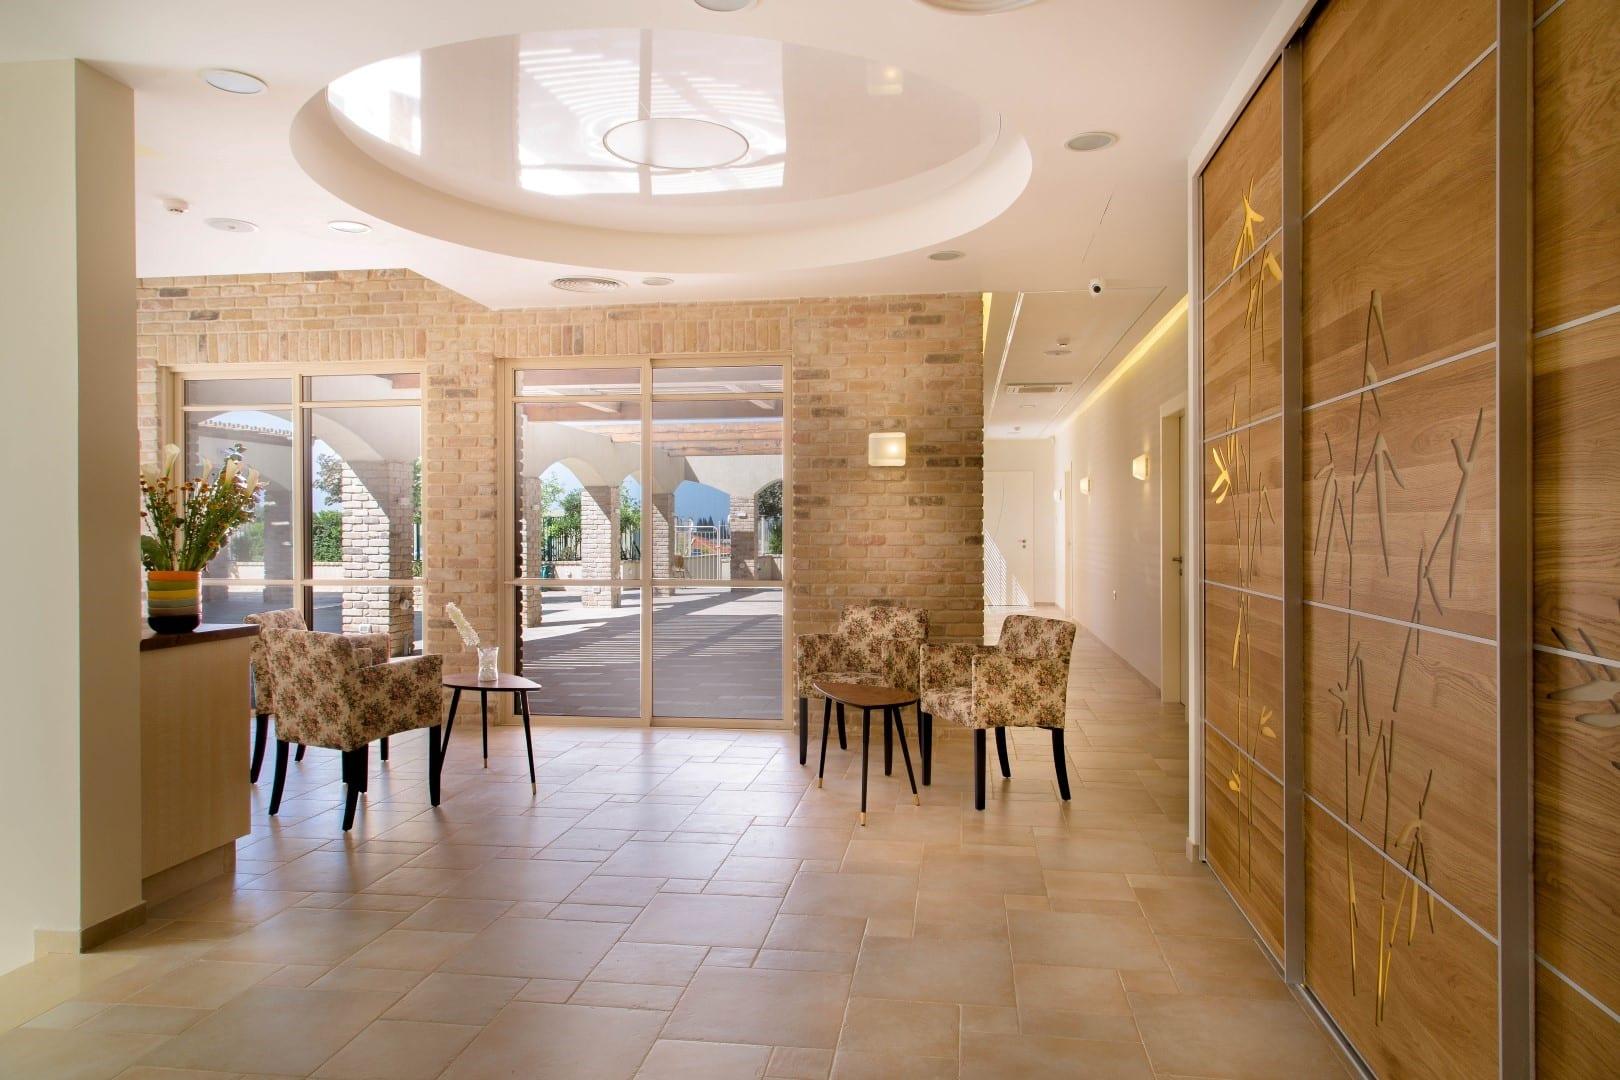 שירותי הסטודיו ענבל קרקו מעצבת פנים במרכז, עיצוב פנים של בית בבניה, ענבל קרקו עיצוב פנים ופנג שואי